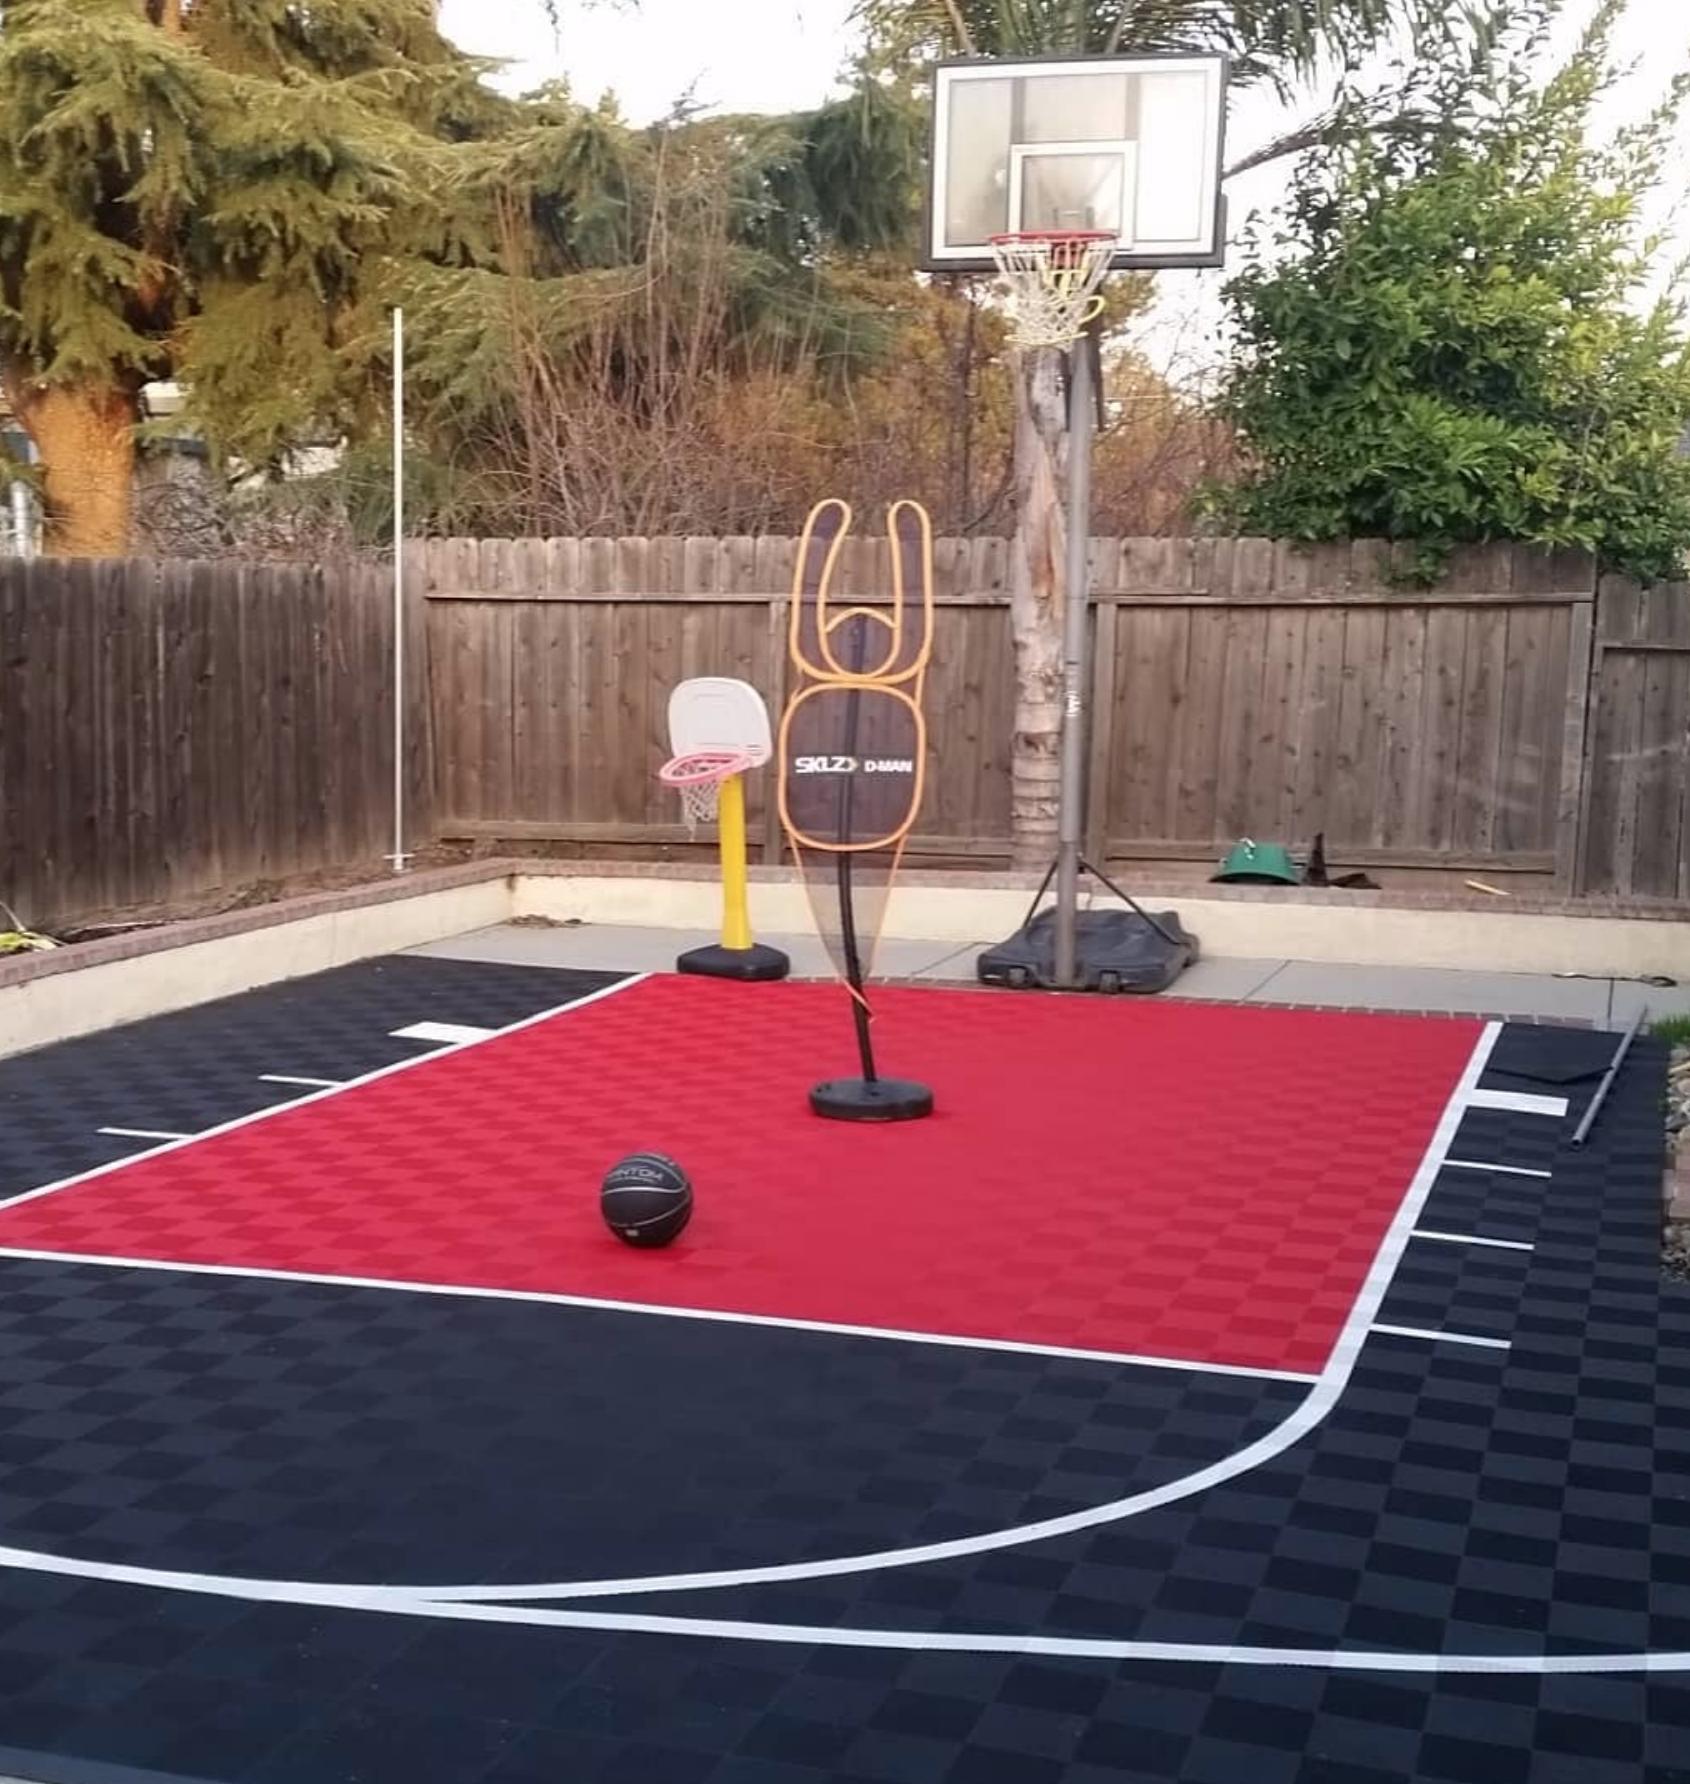 20x24 Basketball Court Floor Kit Outdoor Indoor Basketball Court Backyard Backyard Basketball Basketball Court Flooring